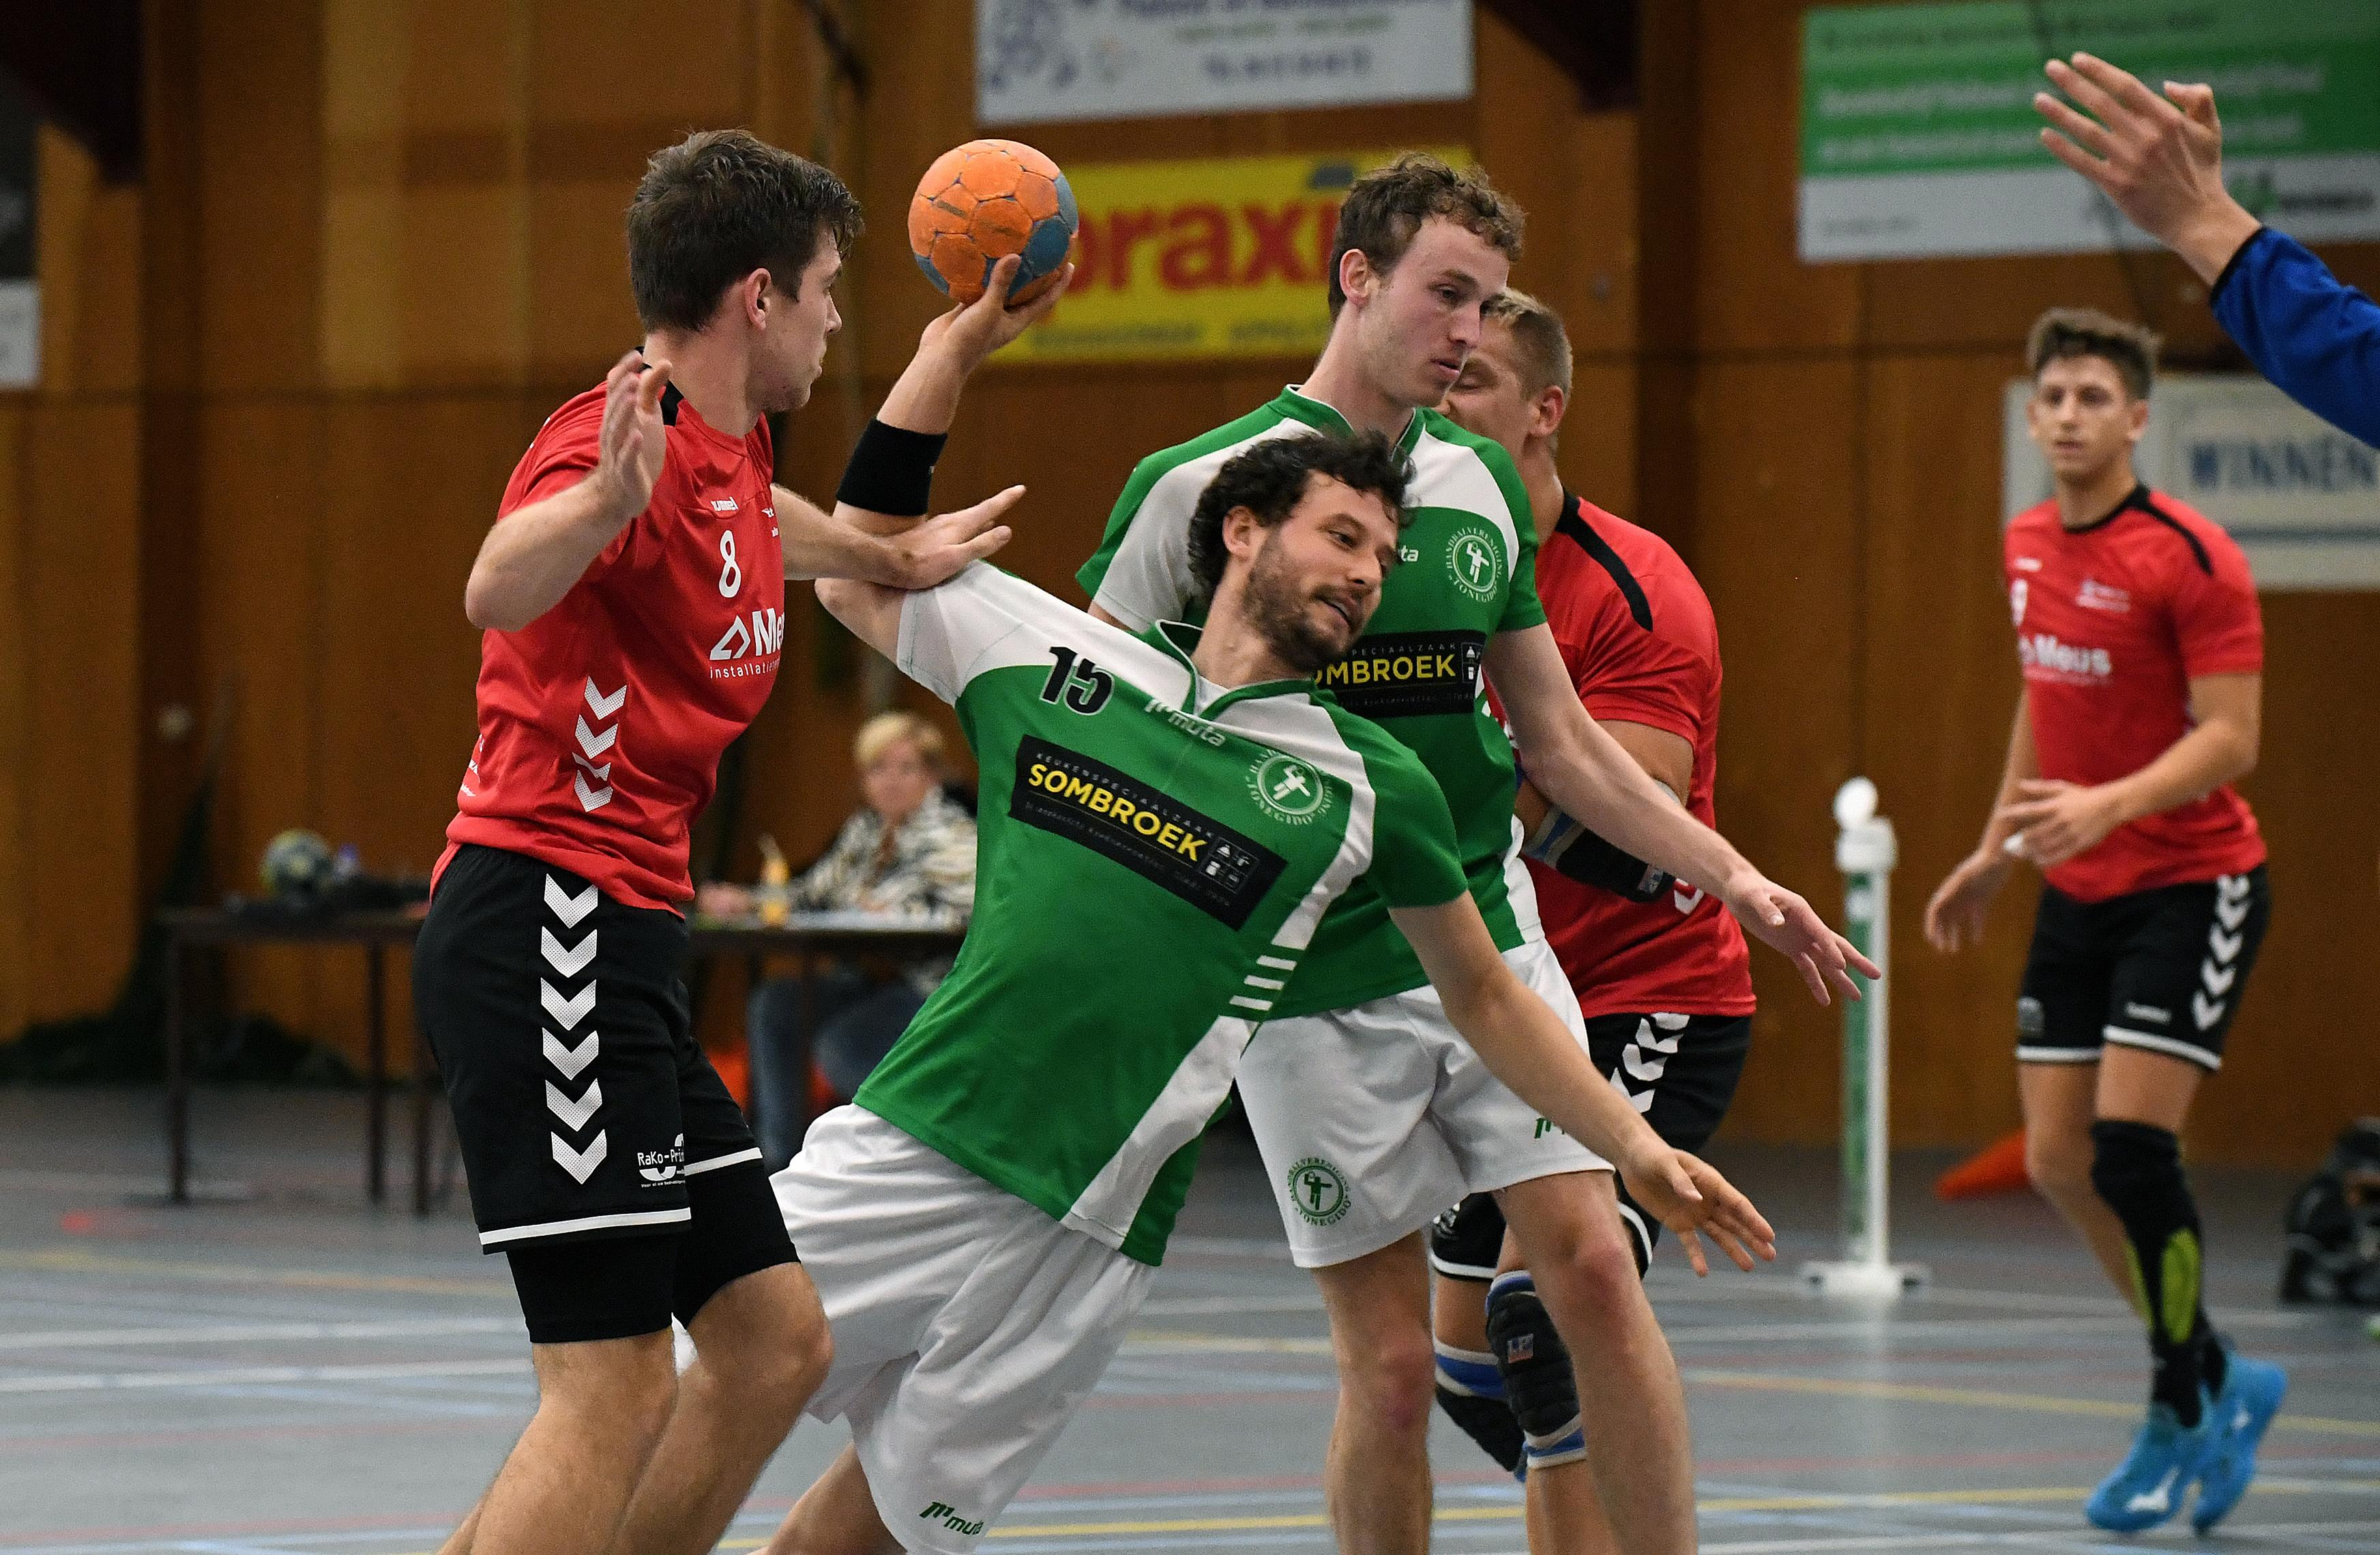 Nooit eerder speelden de handballers van Tonegido uit Hippolytushoef op zo'n hoog niveau. En dan ineens, na welgeteld vier duels in de eerste divisie, zit het seizoen er alweer op